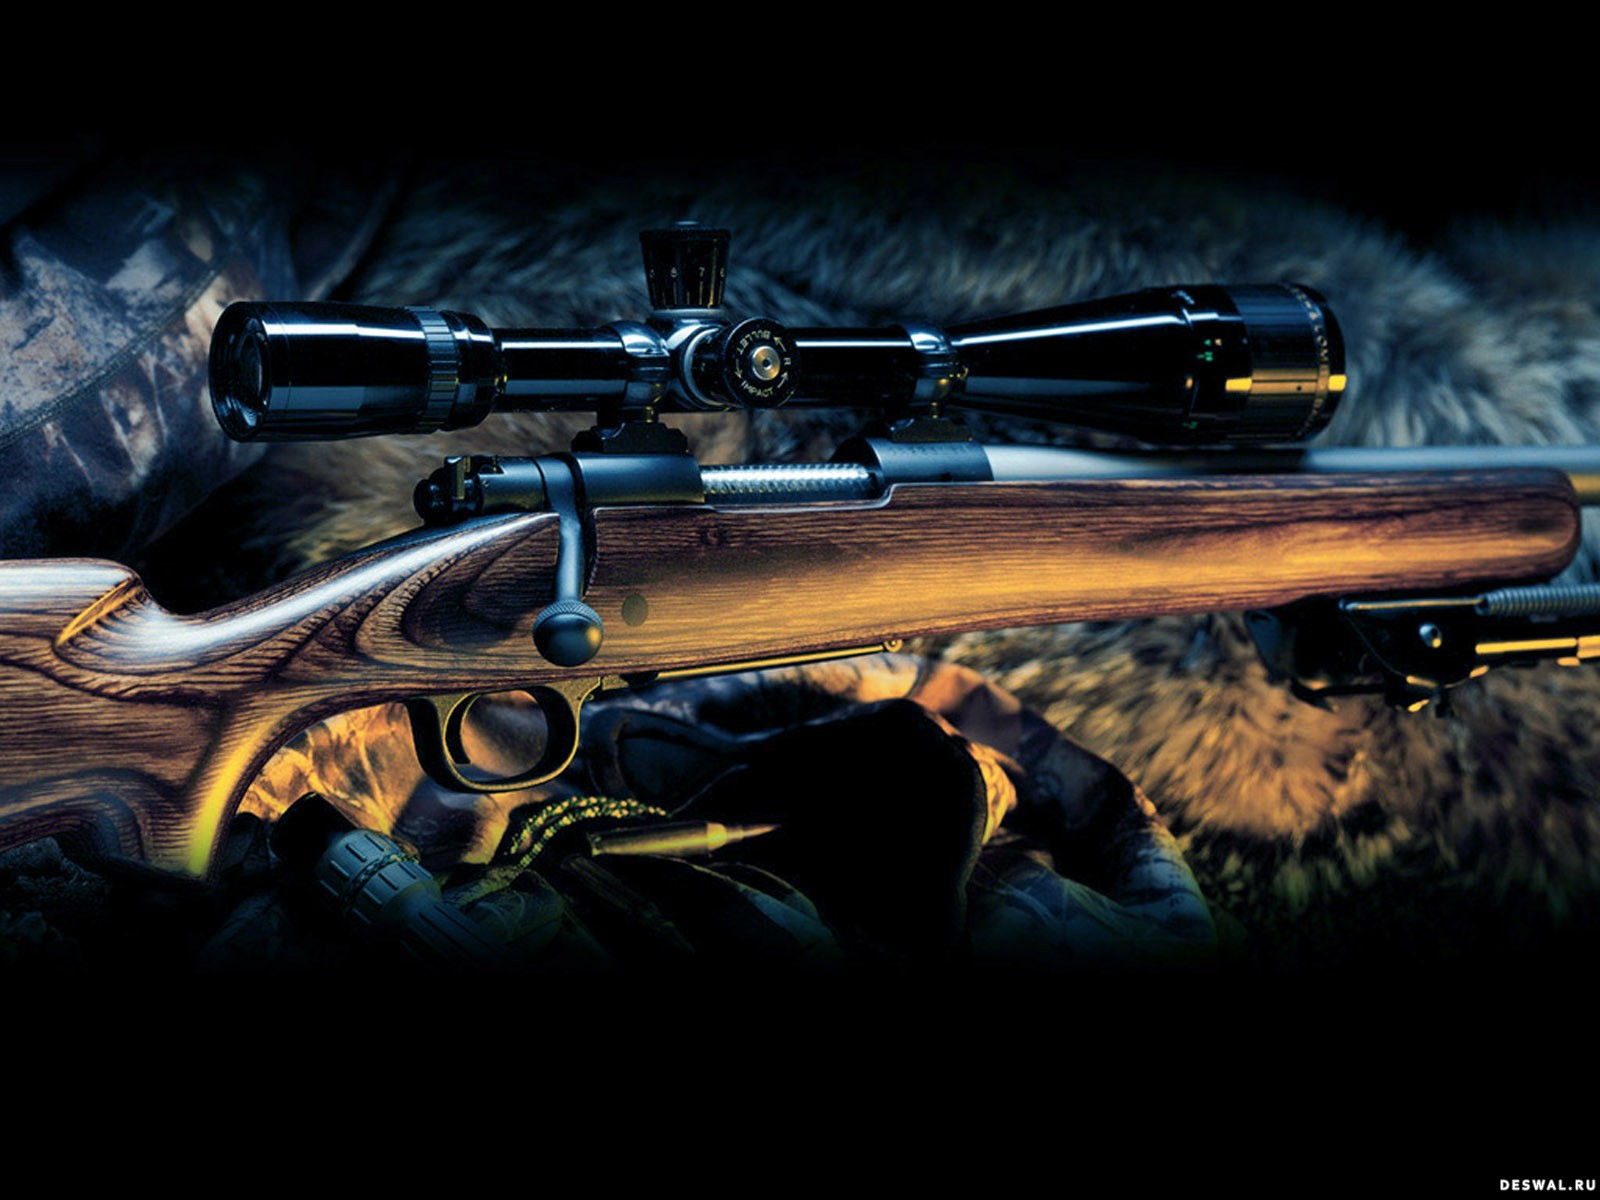 Обои на рабочий стол охота оружие